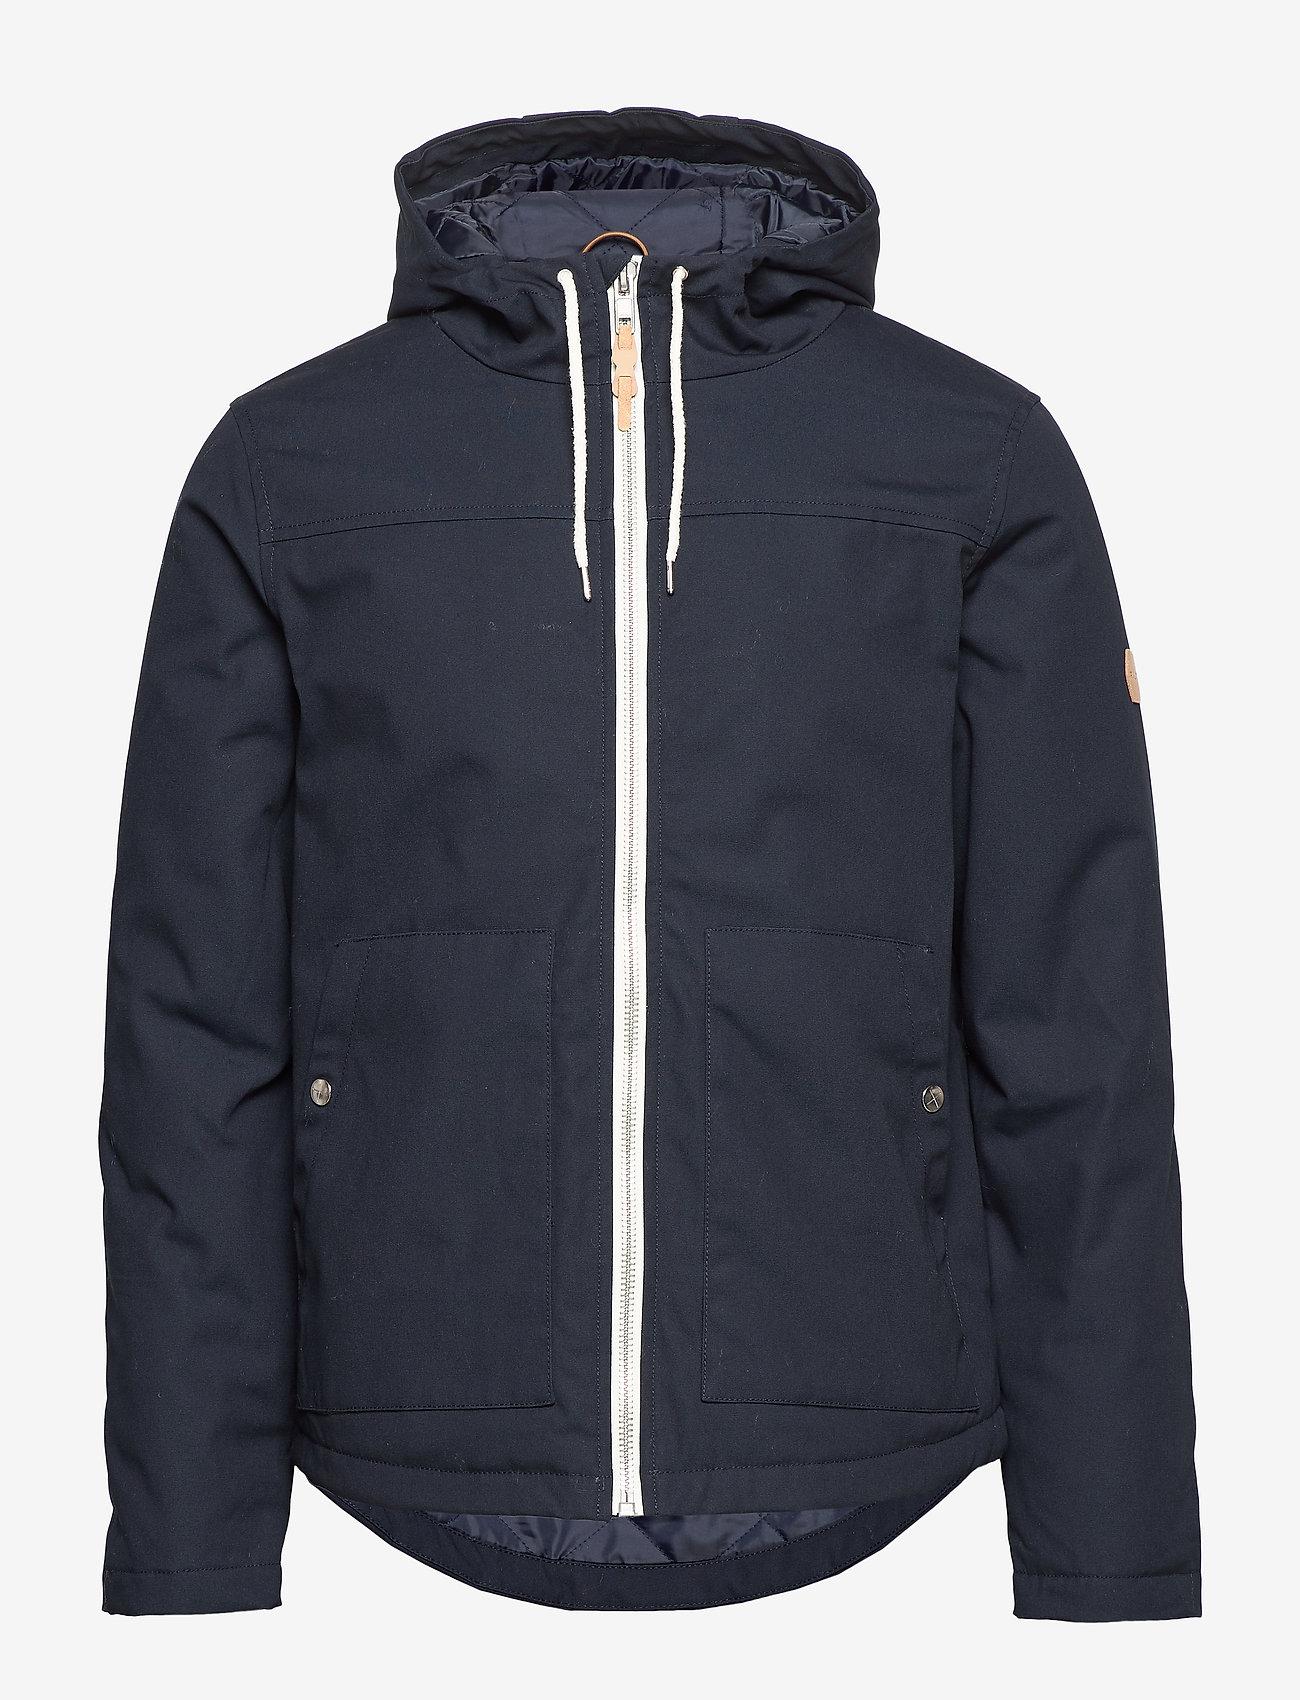 Parka Jacket (Navy) - RVLT WgEhed